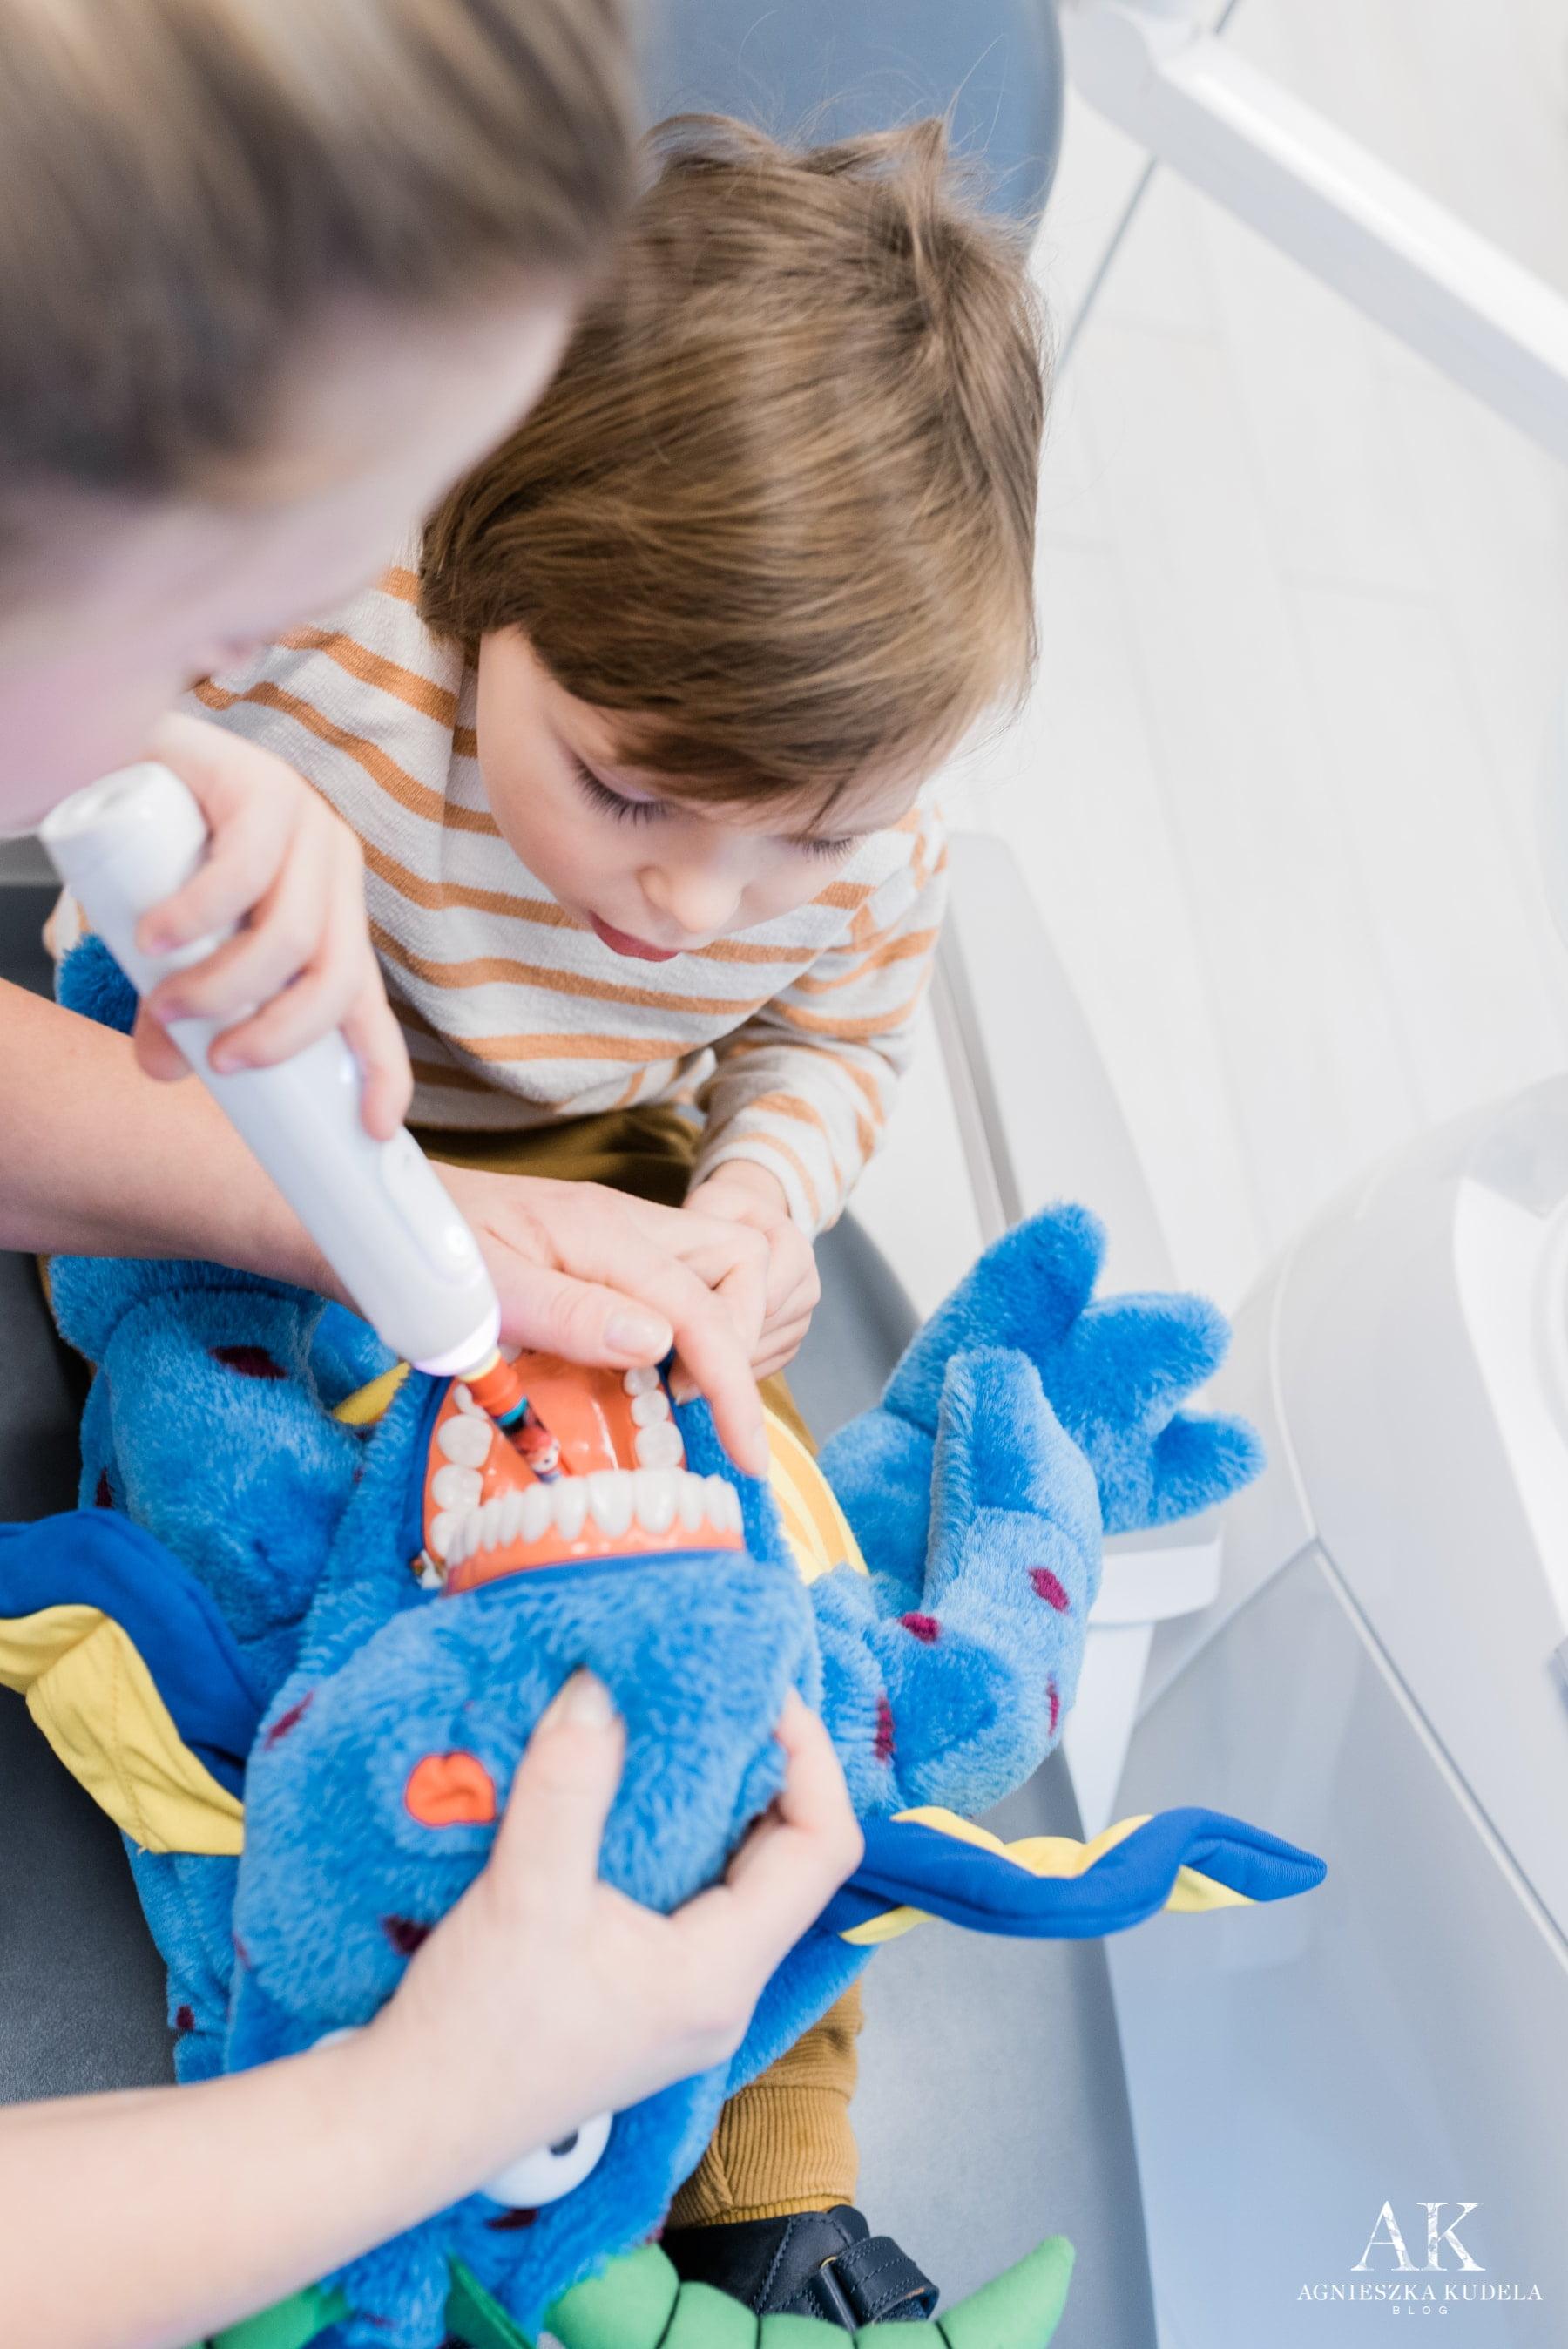 instrukcja mycia zębów dla dzieci